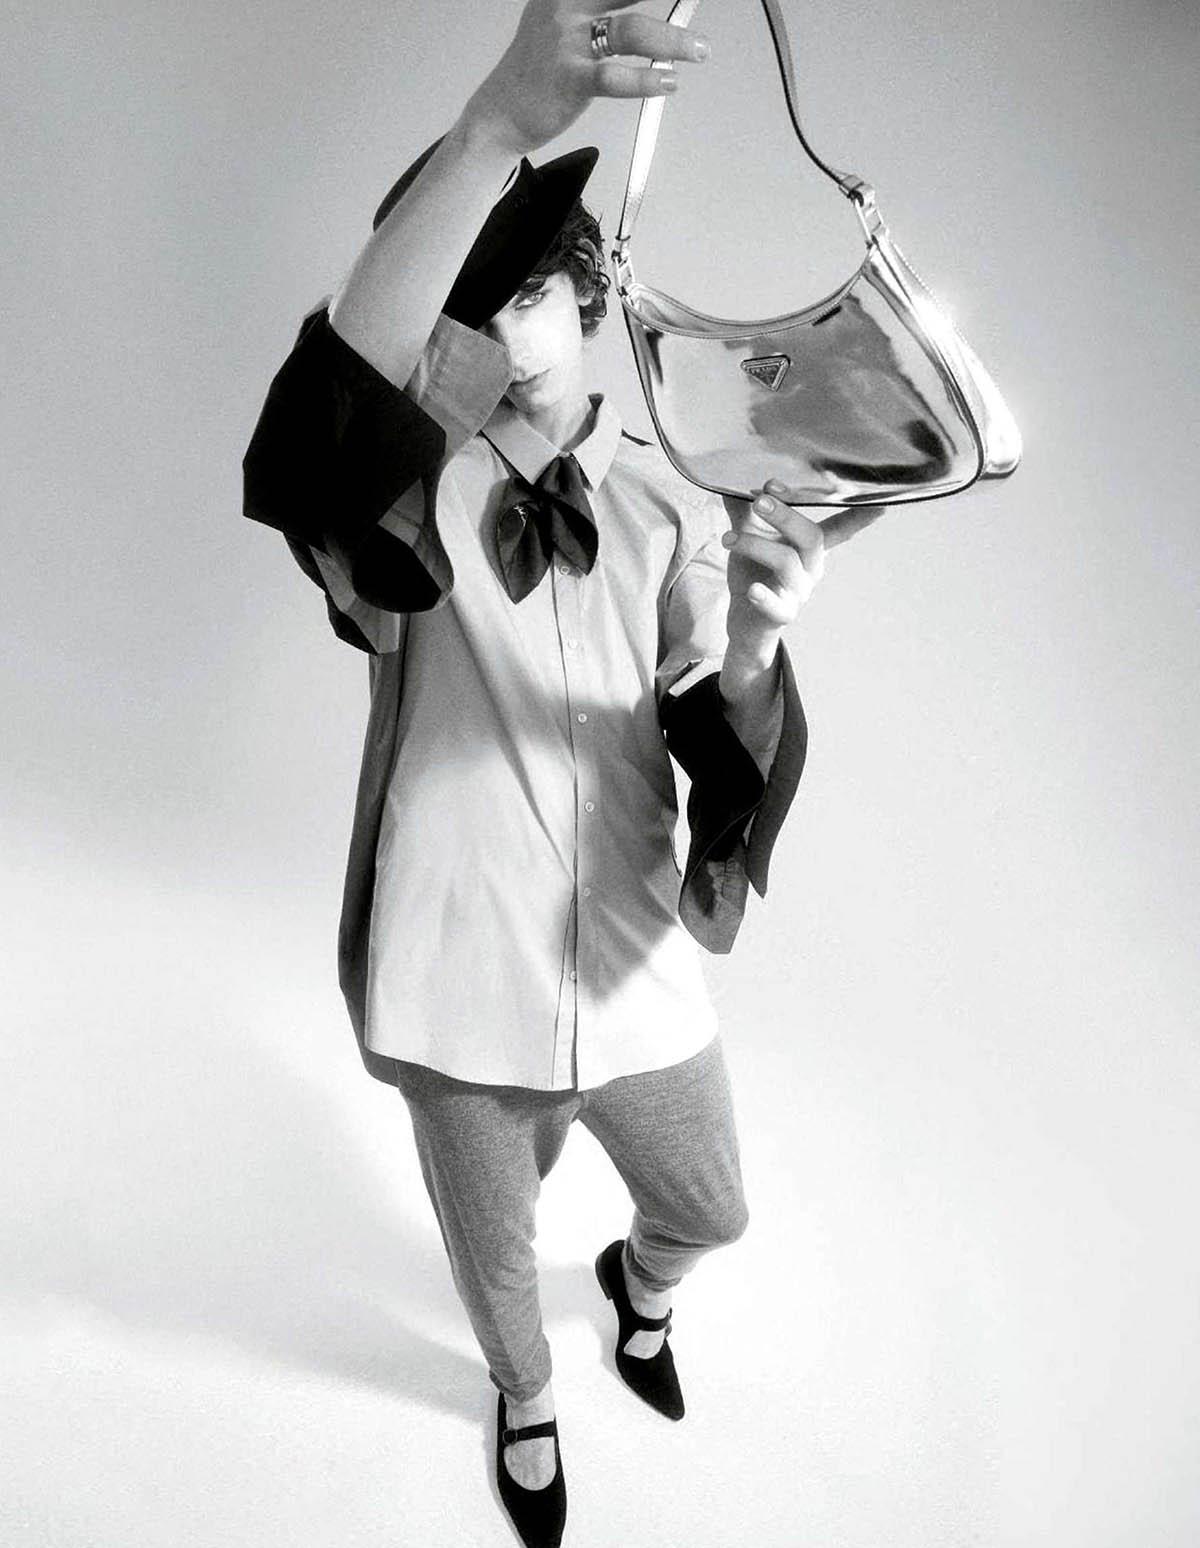 Erik van Gils and Paul-Alexandre Haubtmann by Julien Vallon for Elle France March 5th, 2021